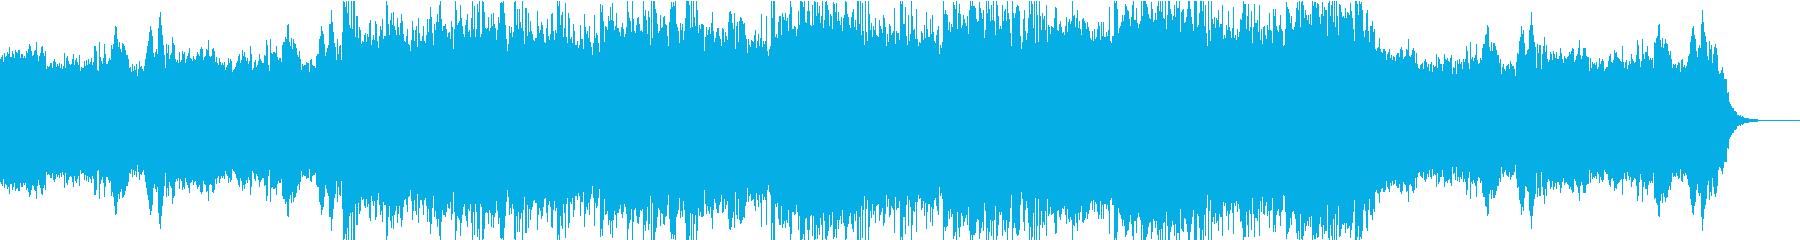 戦闘で最後の決断を迫られるBGMの再生済みの波形